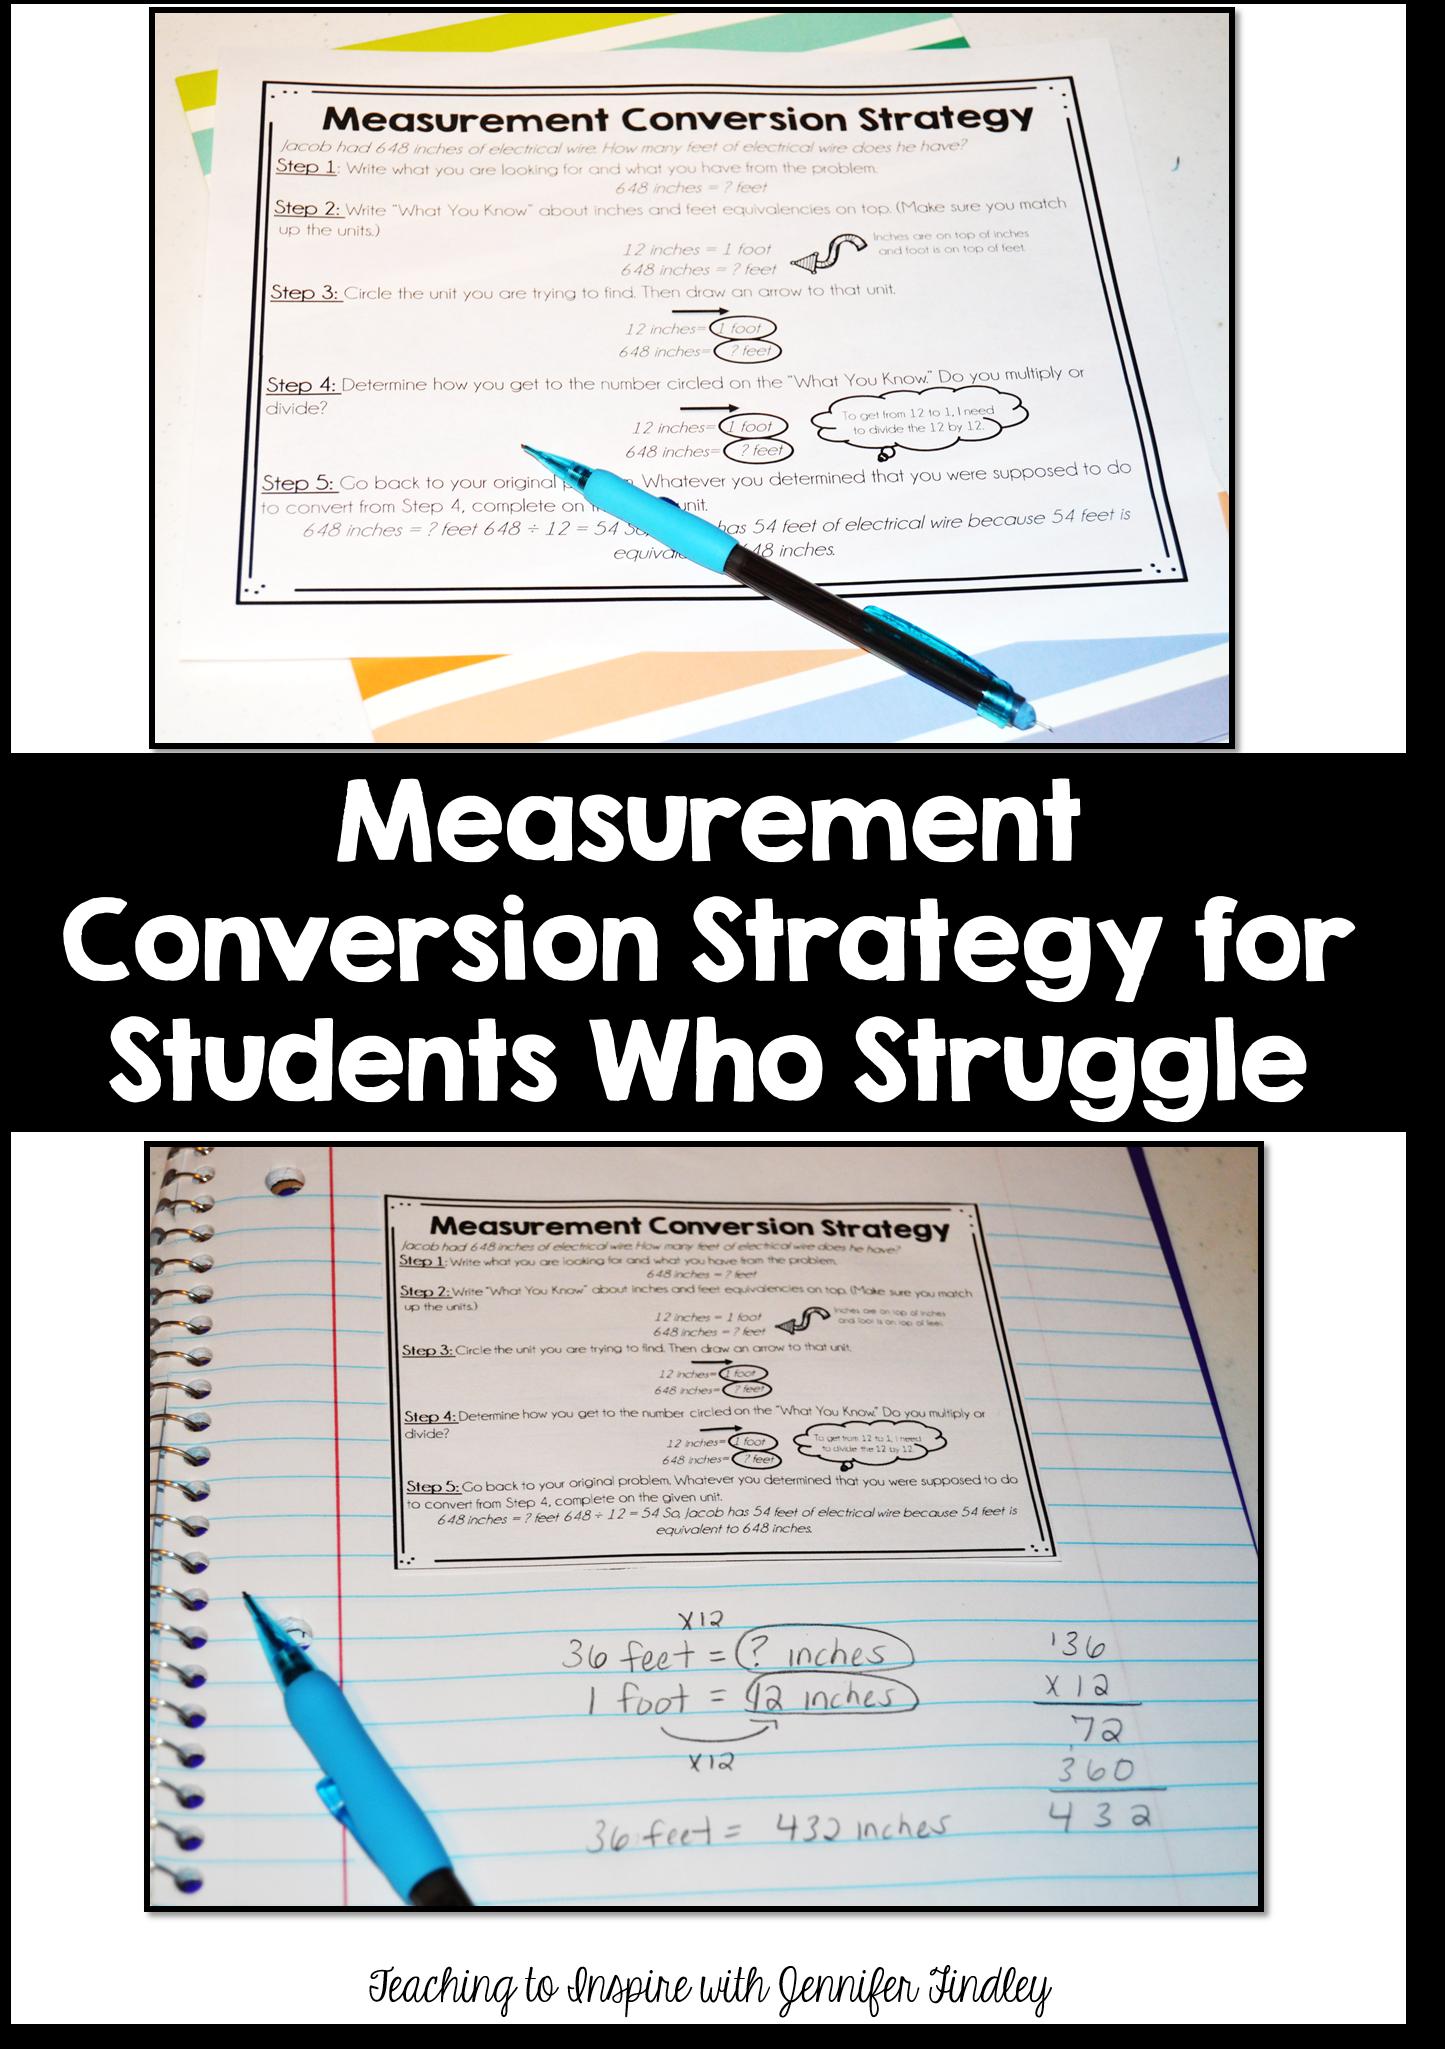 Measurement Conversion Strategy